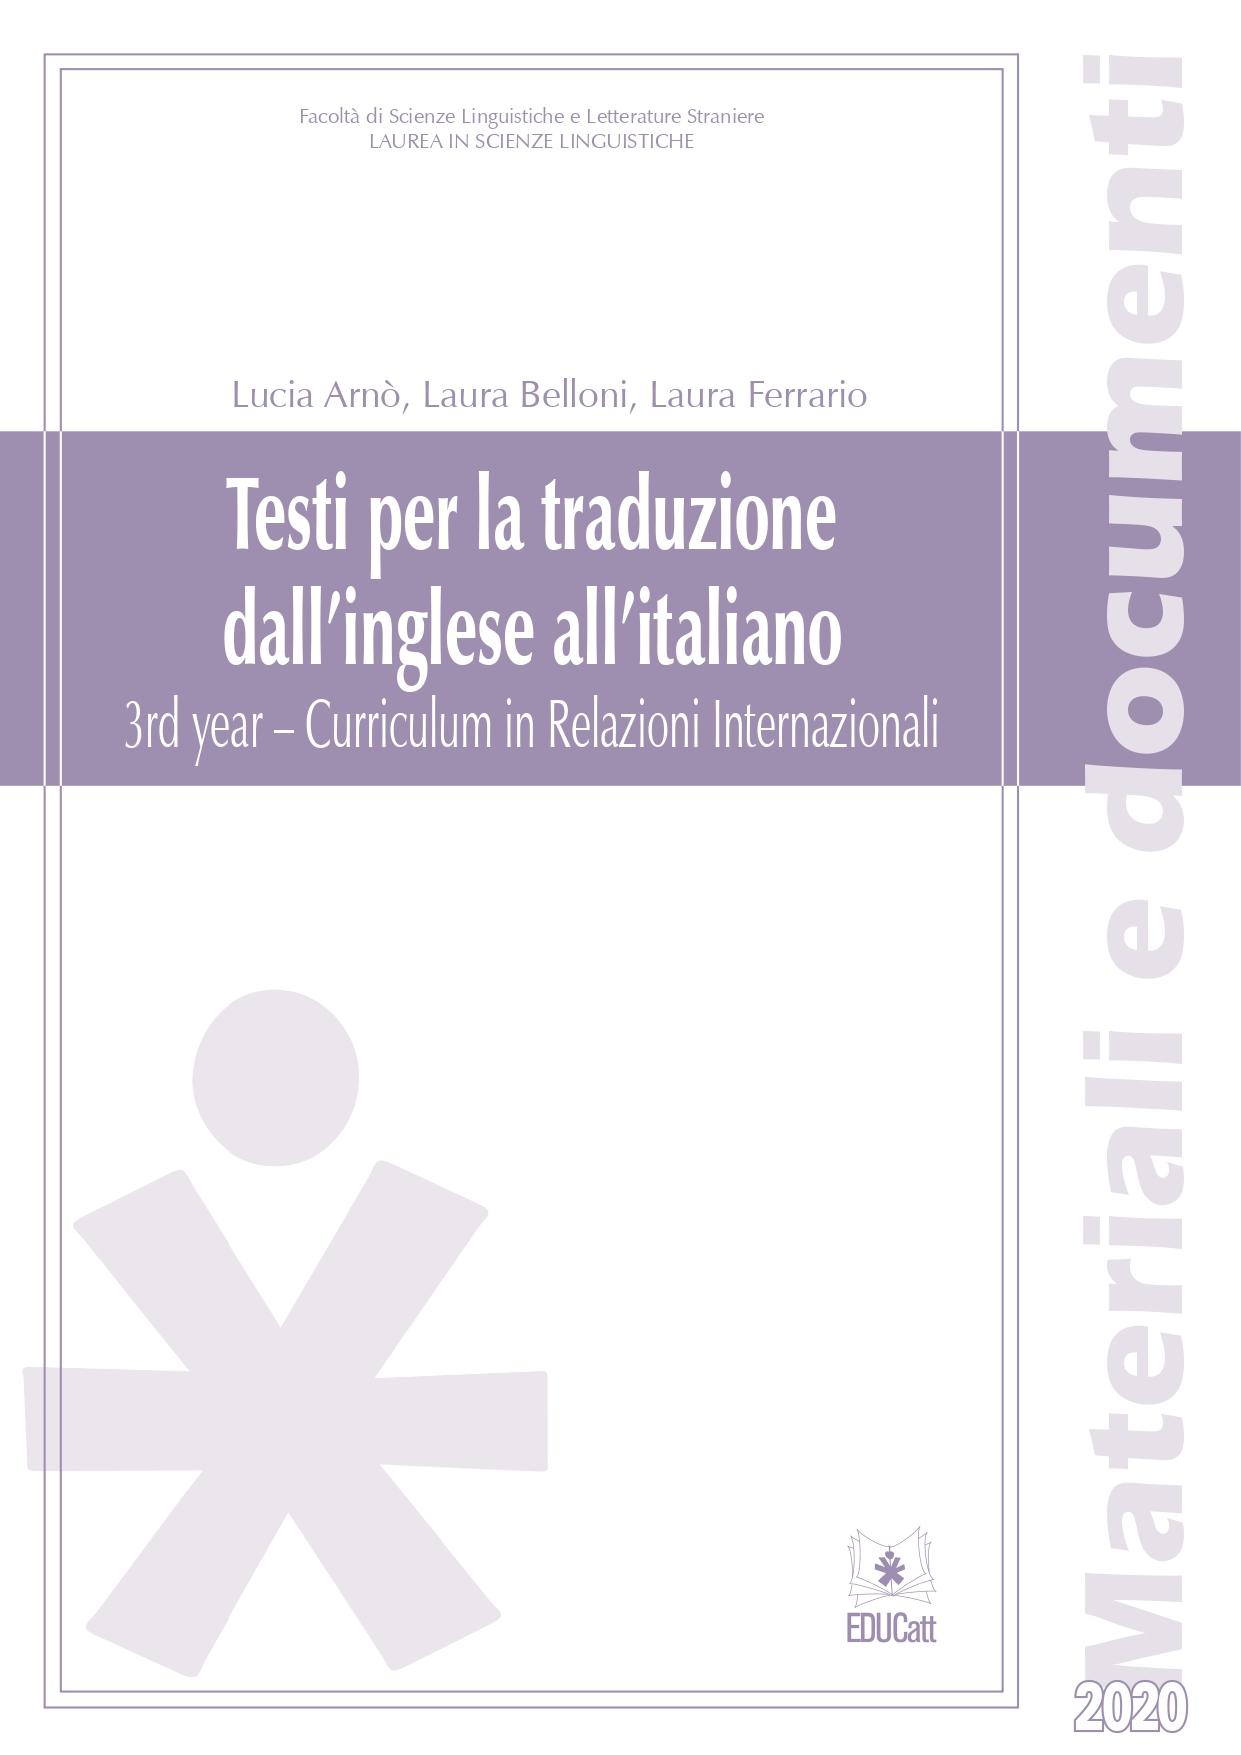 TESTI PER LA TRADUZIONE DALL'INGLESE ALL'ITALIANO. 3RD YEAR - CURRICULUM IN RELAZIONI INTERNAZIONALI (BANDA VIOLETTA)